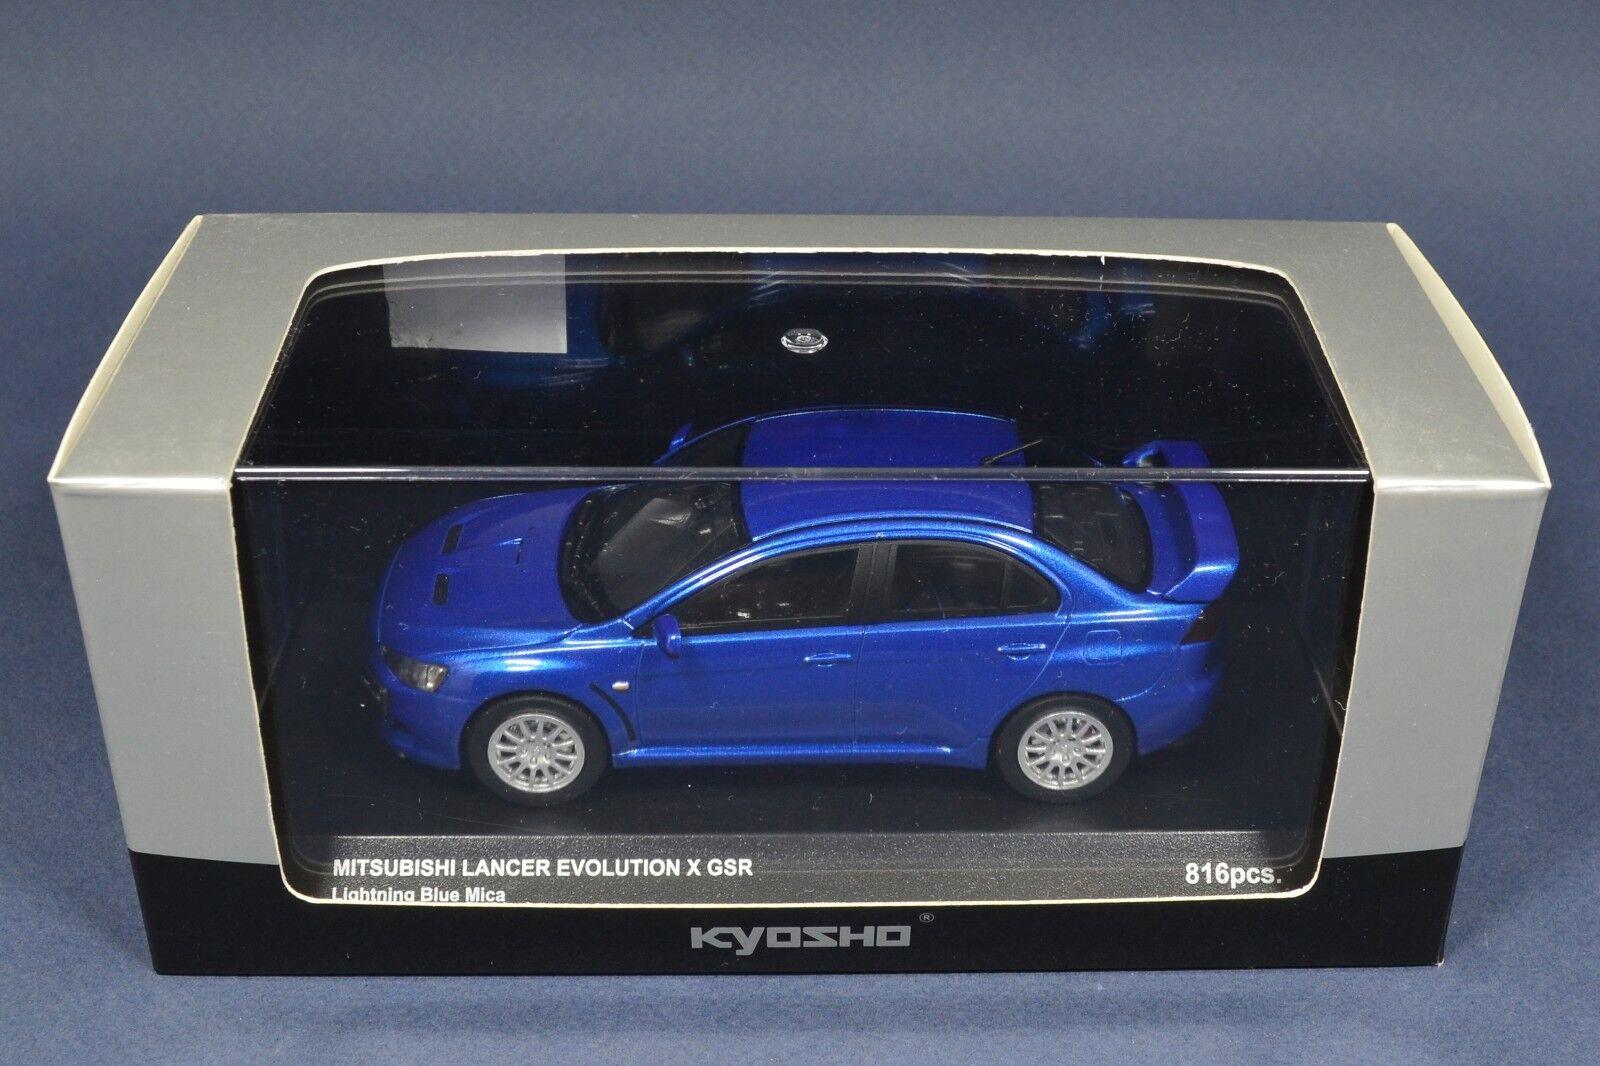 1 1 1 43 Mitsubishi Lancer Evolution X GSR bluee EVO 10 Kyosho 03492BL LIMITED 816pcs 32145e